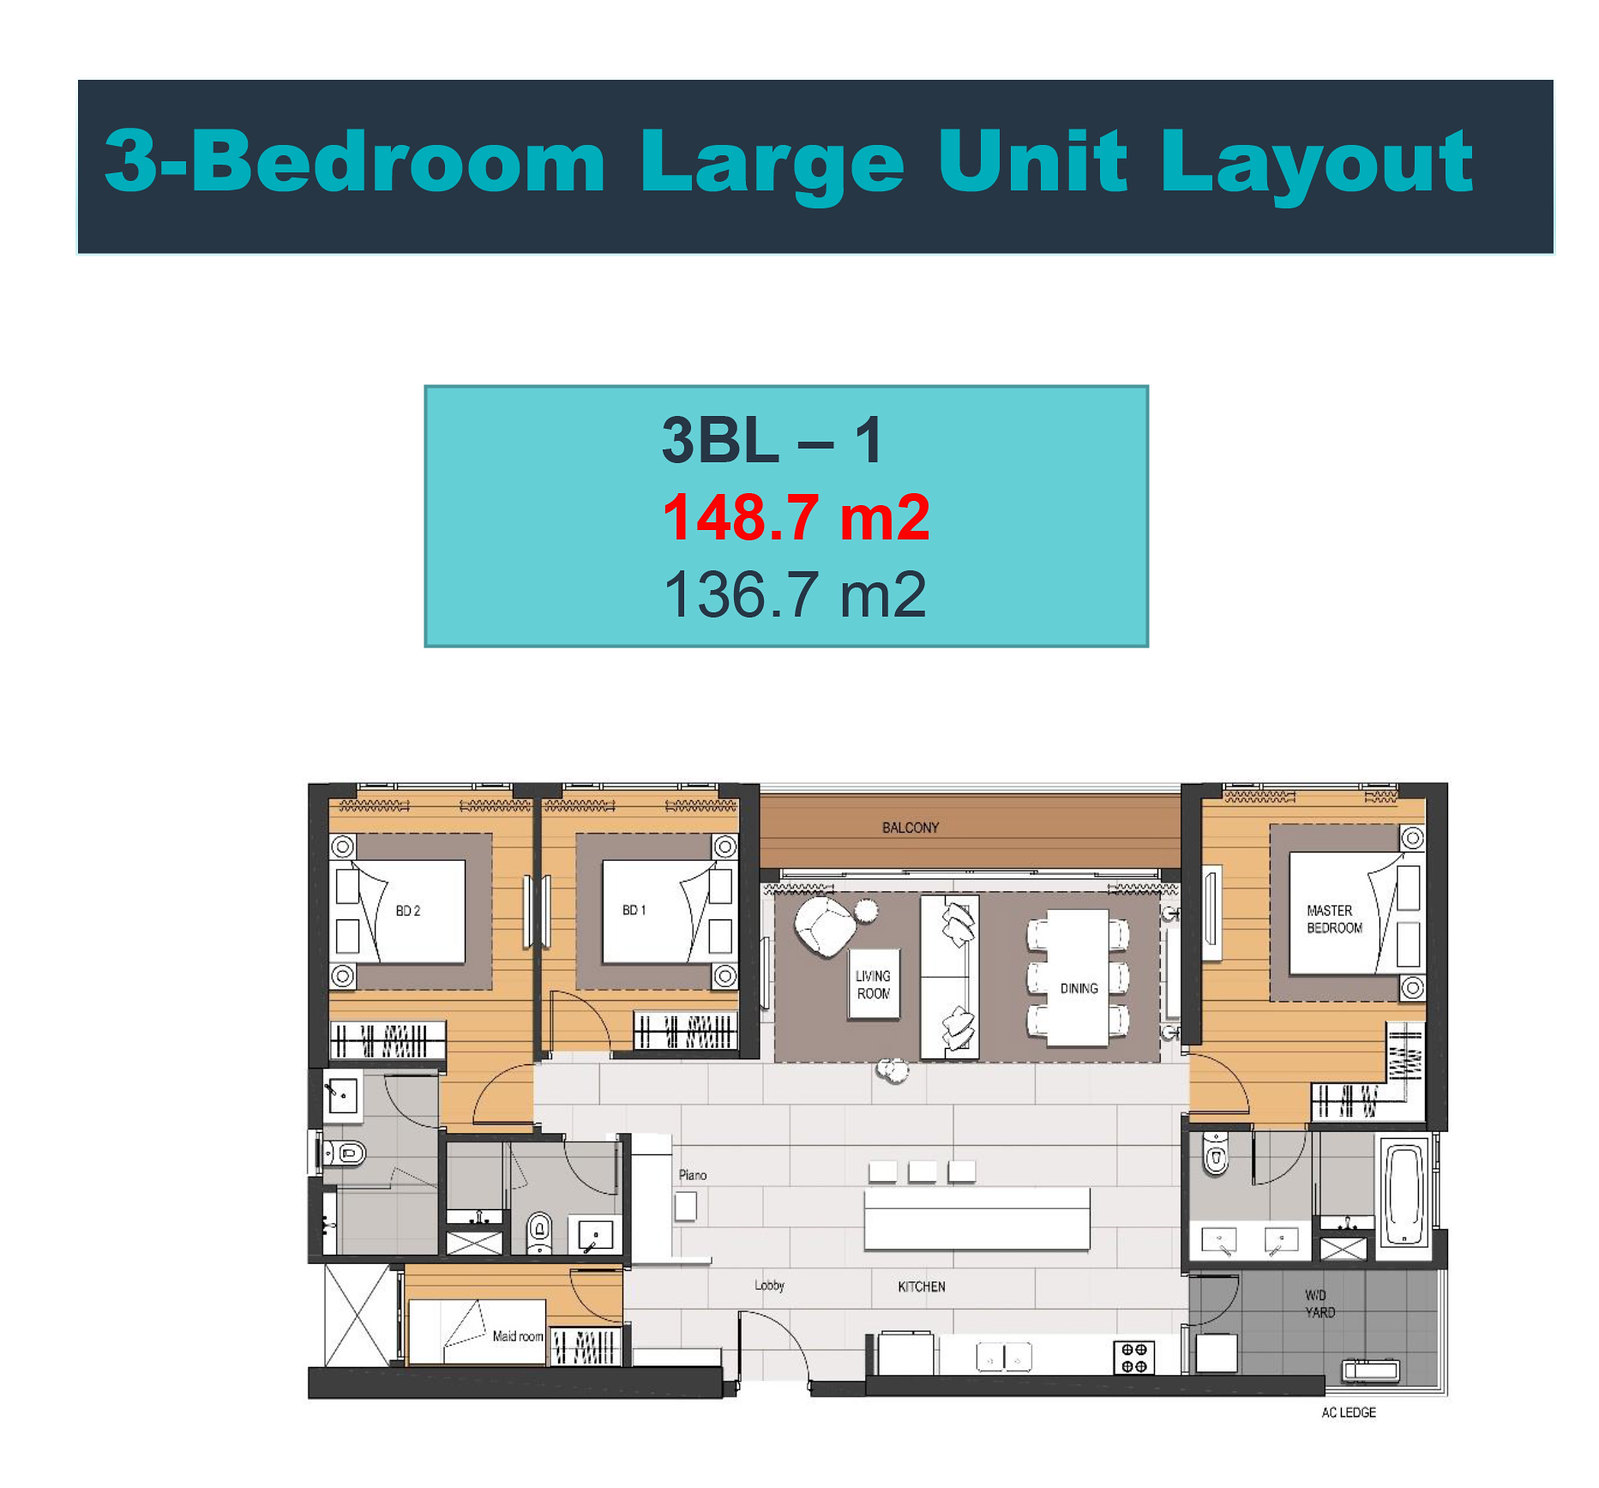 Mặt bằng thiết kế căn hộ 3 phòng ngủ loại lớn tòa Linden - Empire City